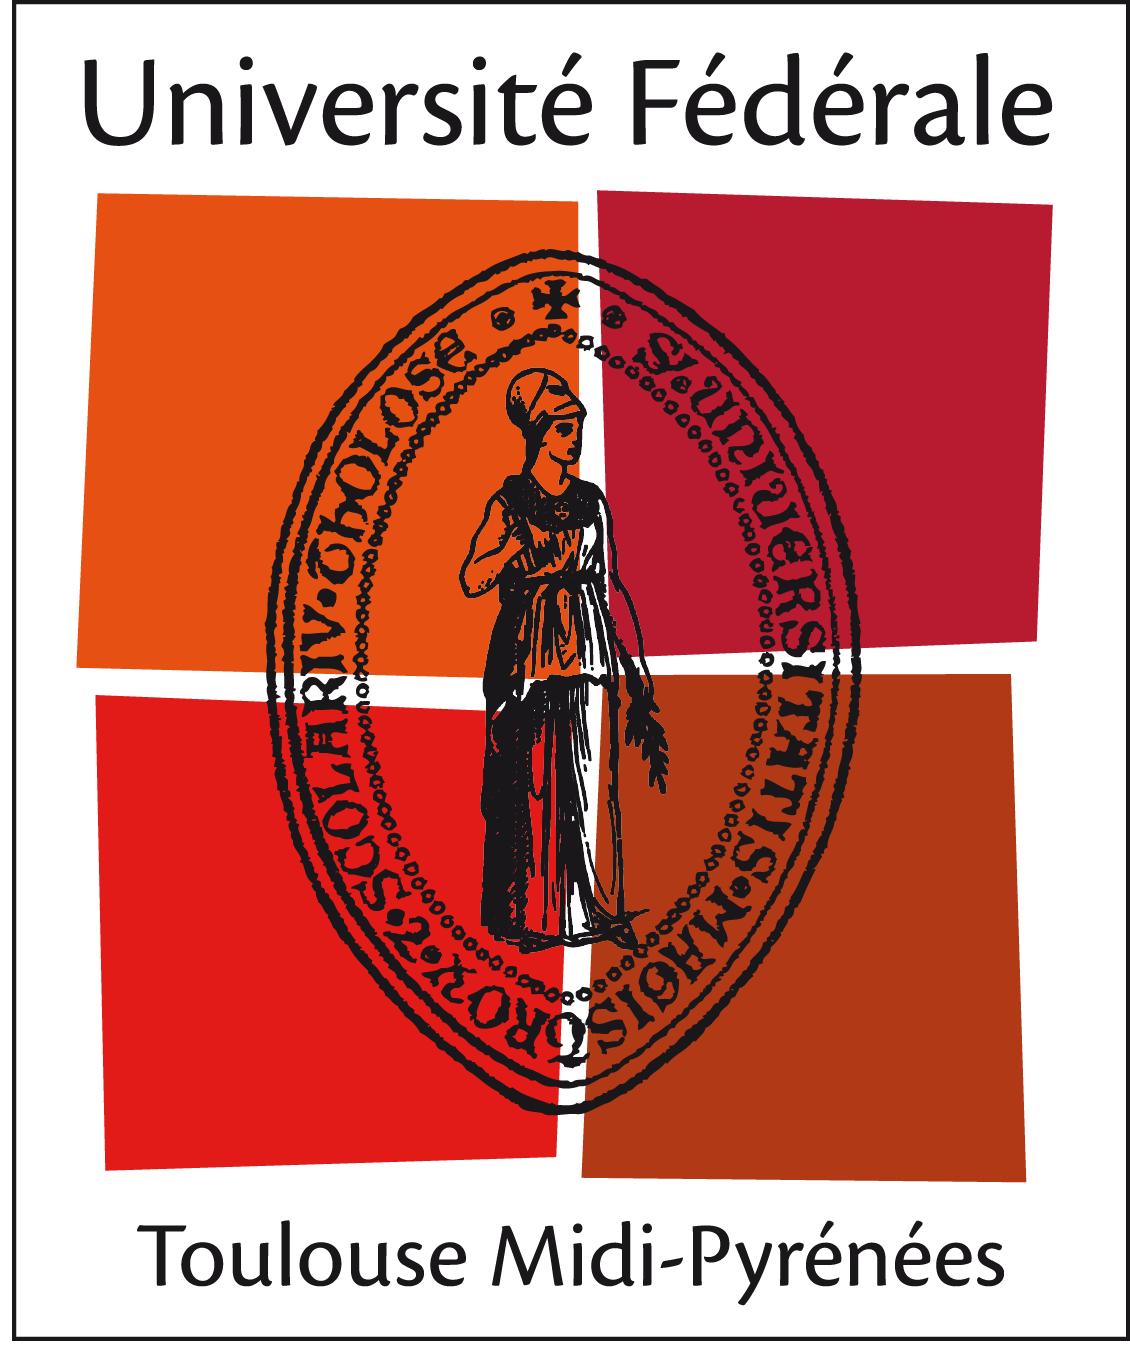 Université Fédérale de Toulouse